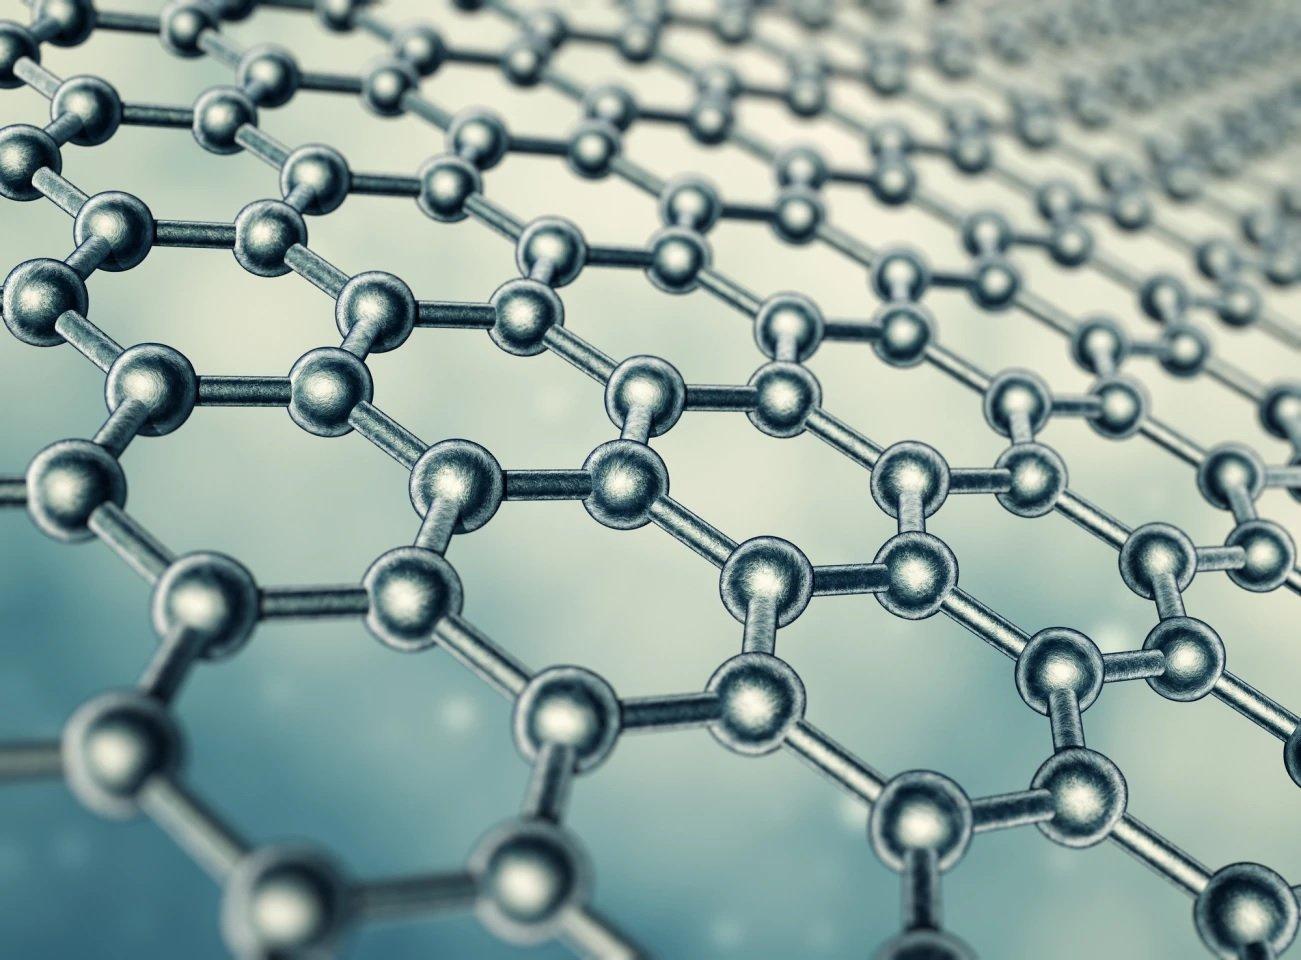 پژوهشگران روش جدیدی برای تبدیل سادهتر کربن به گرافین و الماس توسعه دادند